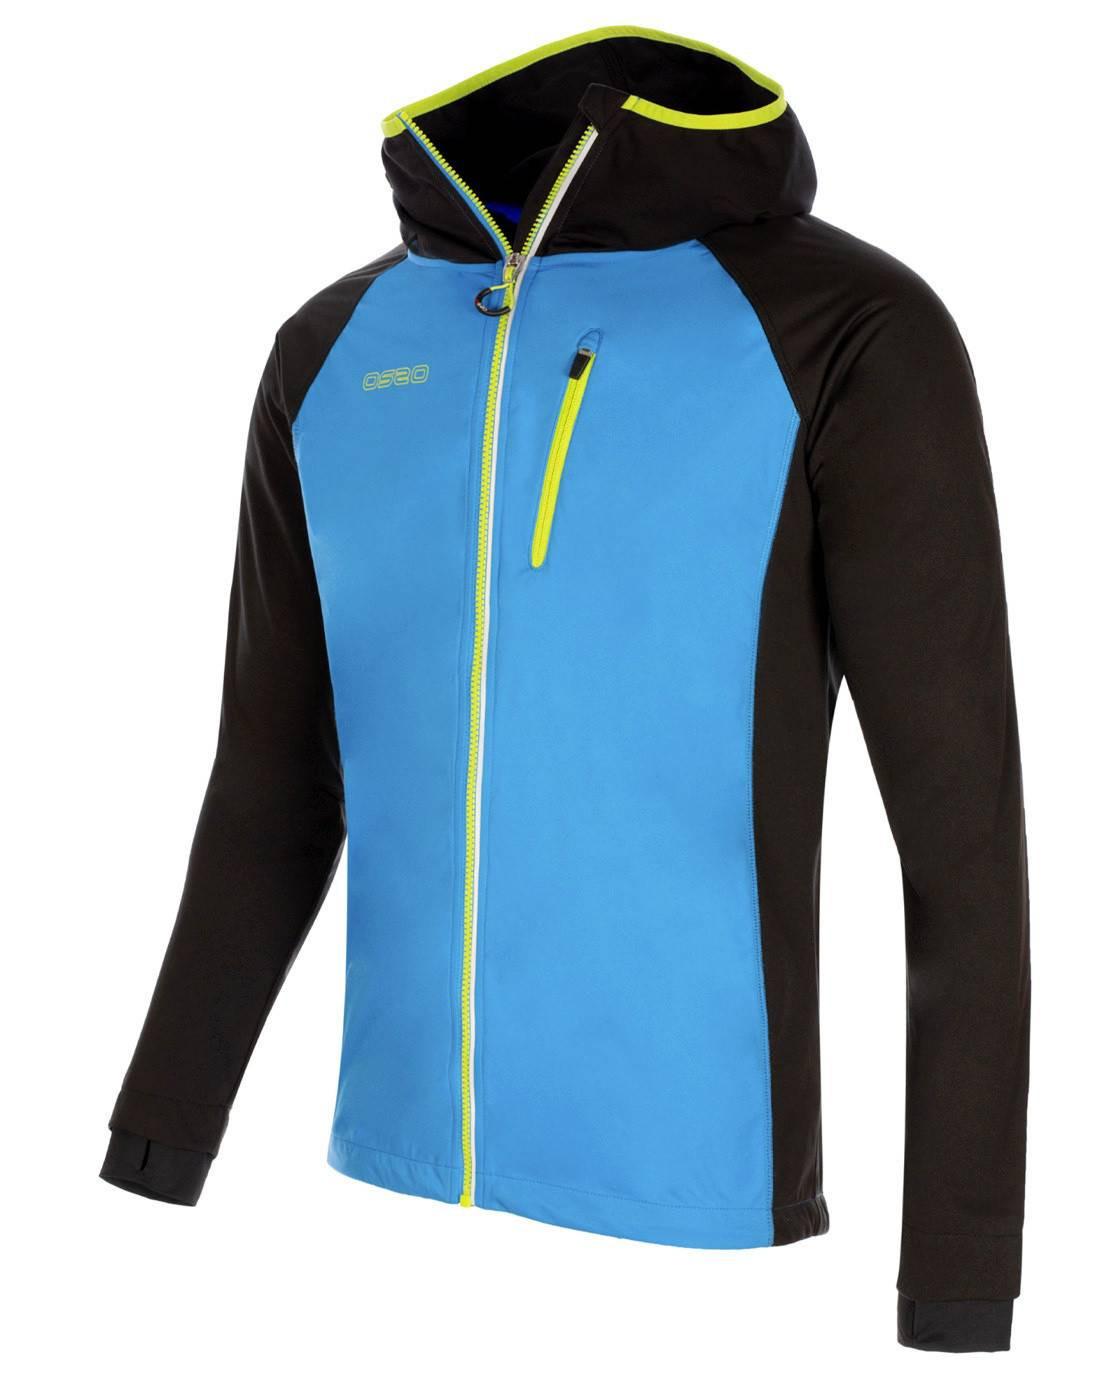 EVO StretchShell Jacket Frontal